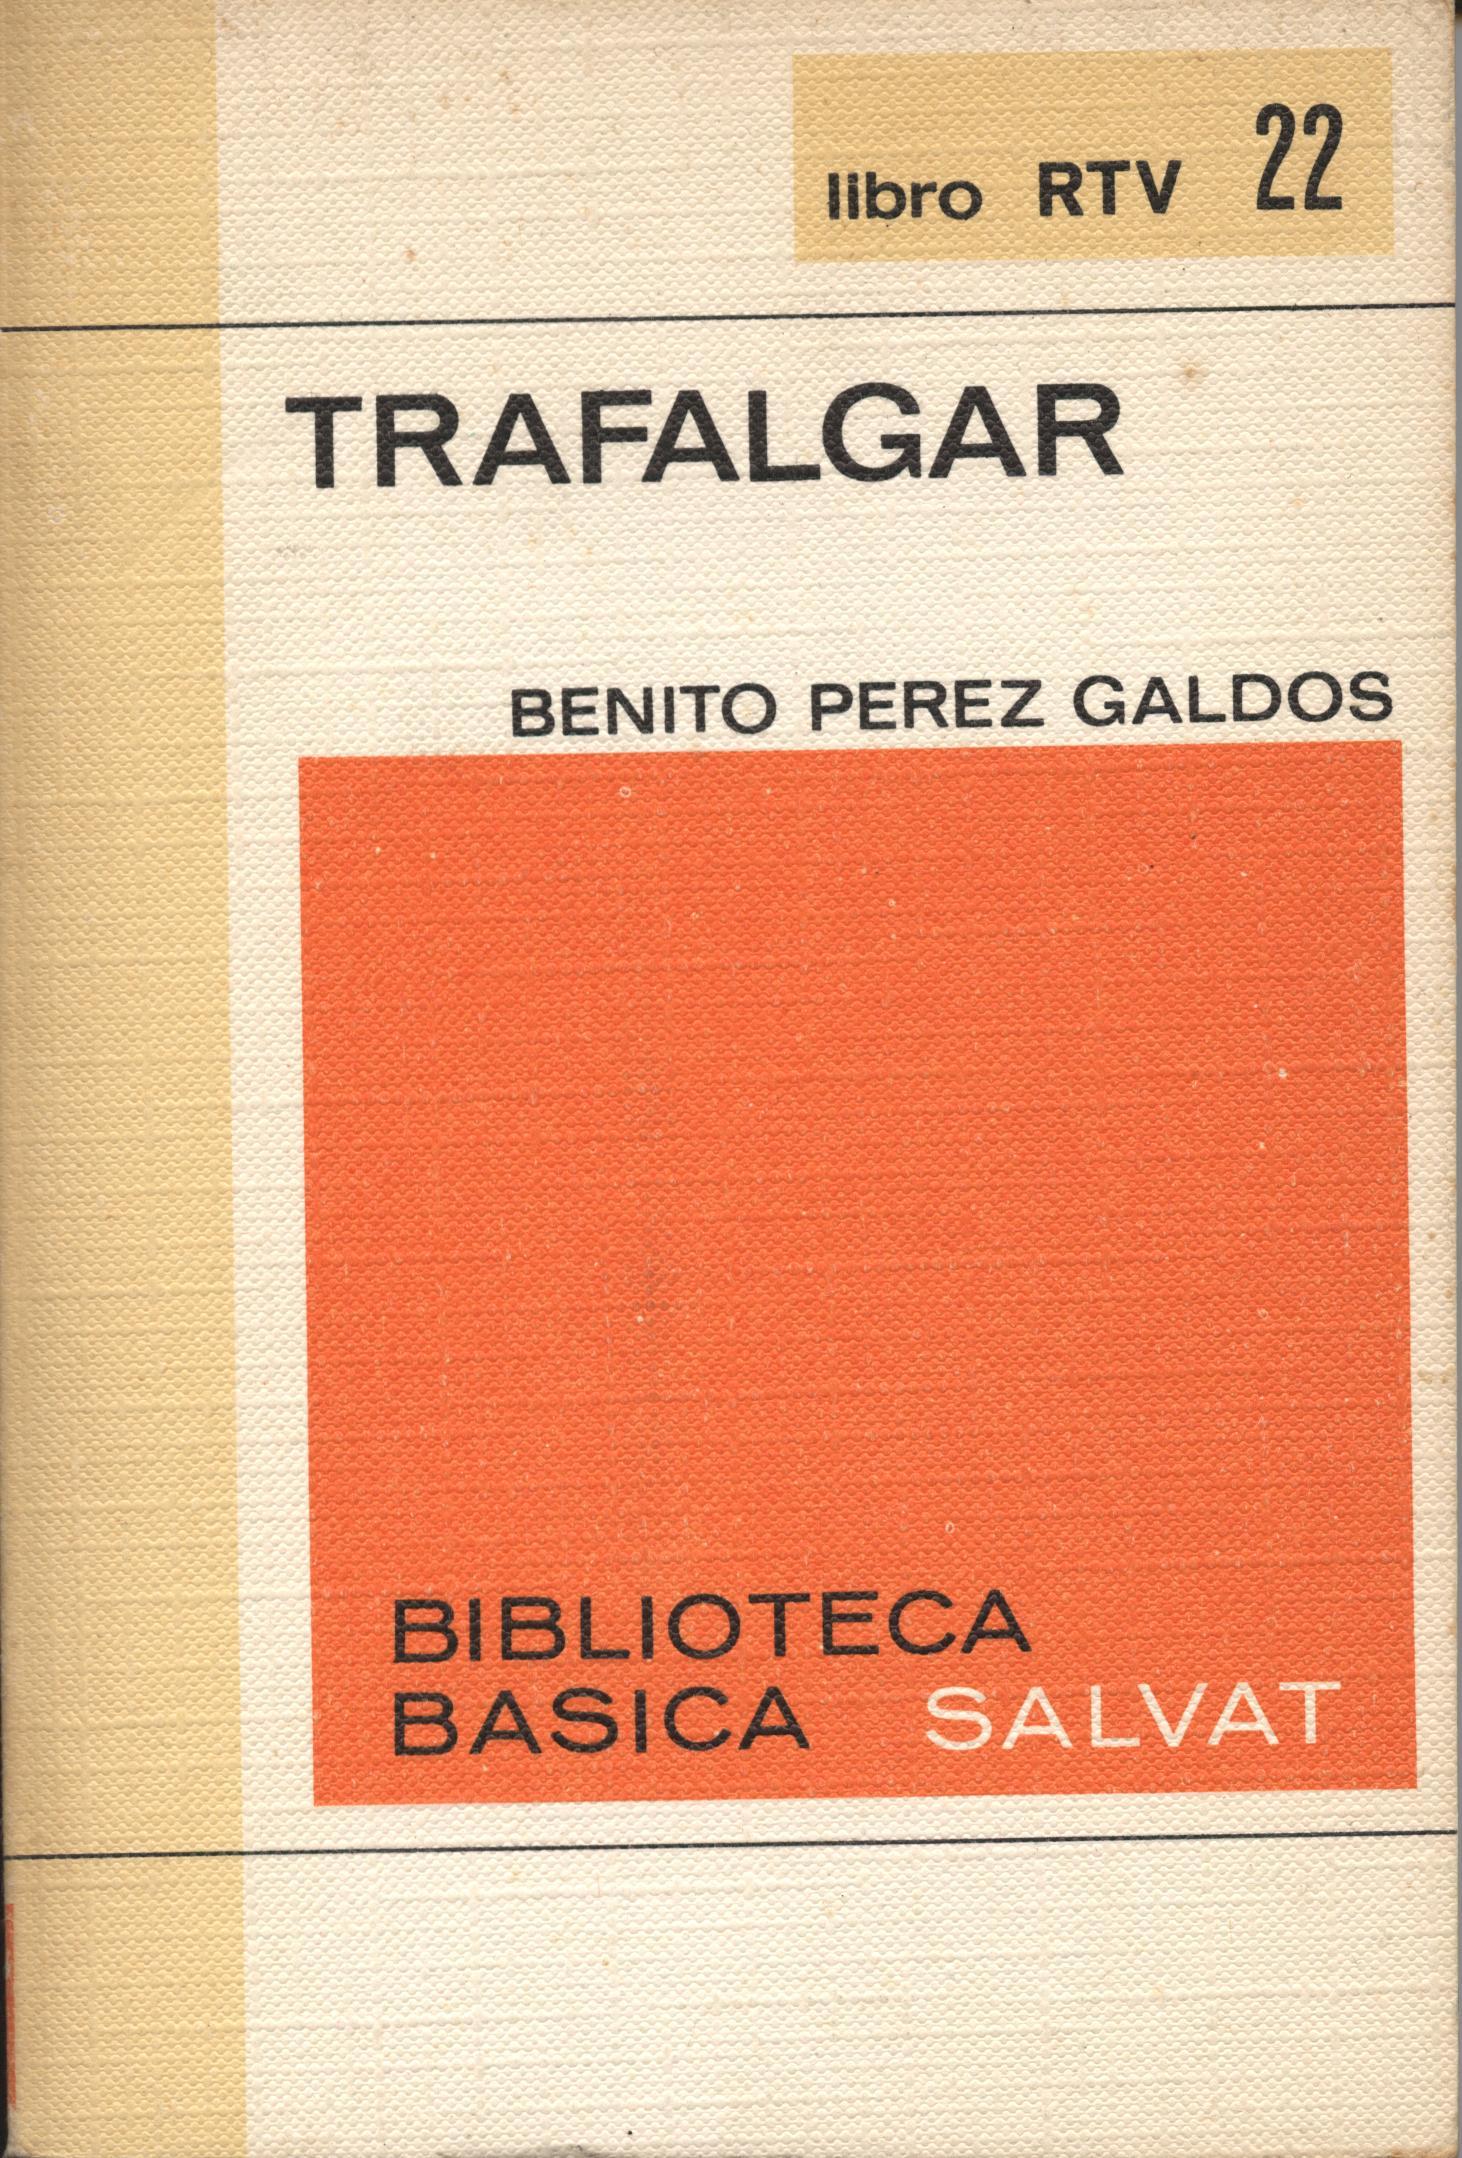 Venta online de libros de ocasión como Trafalgar - Benito Perez Galdós en bratac.cat